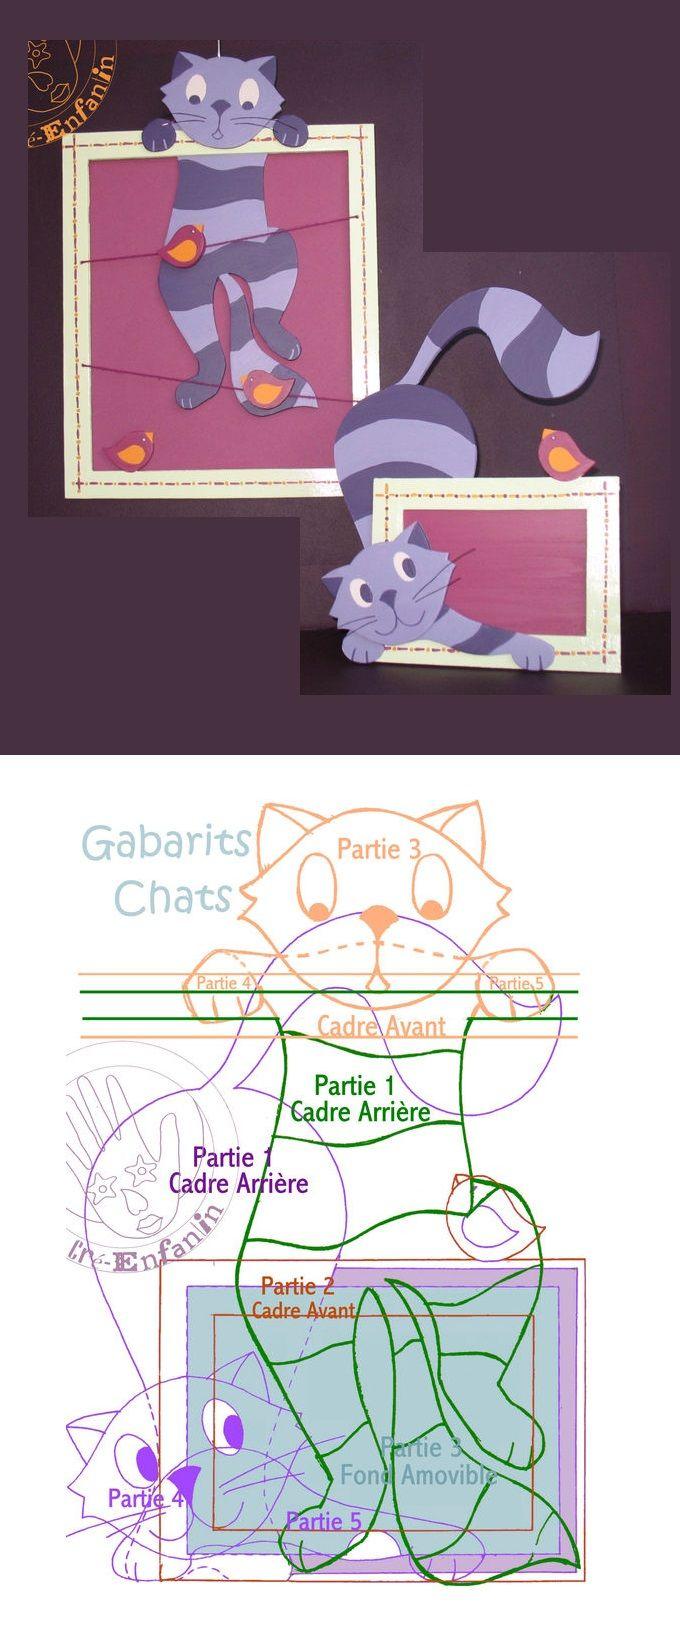 Motifs de chat - tutoriel et gabarits                                                                                                                                                      Plus